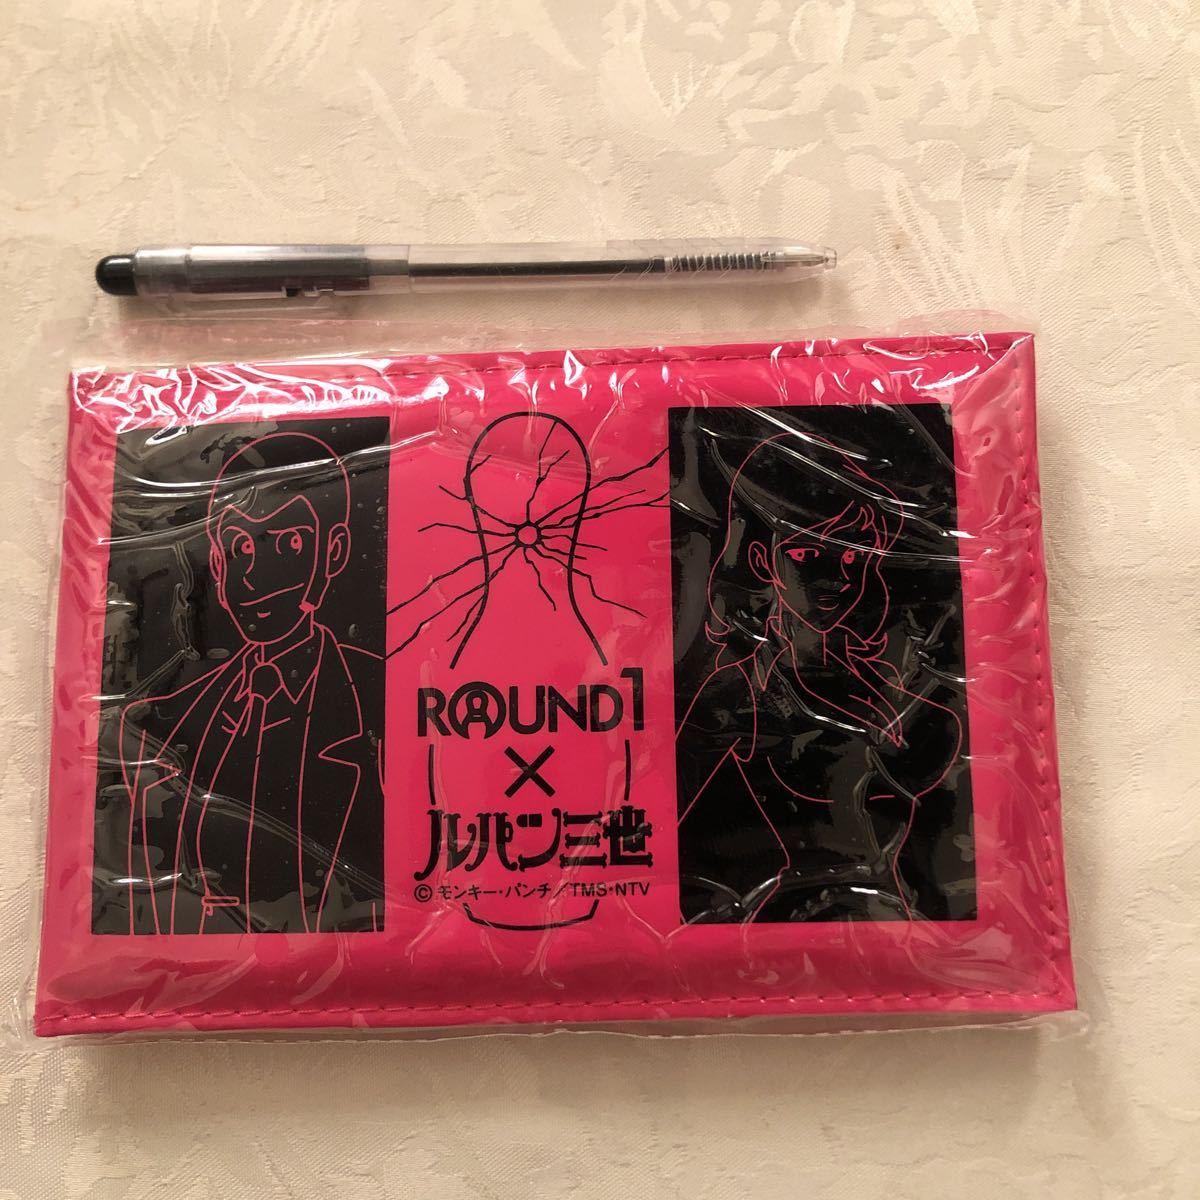 【新品】ROUND1×ルパン三世 モンキー・パンチ/ミラー付きフォトケース黒ピンク/2個セット_大きさ比較して下さい。